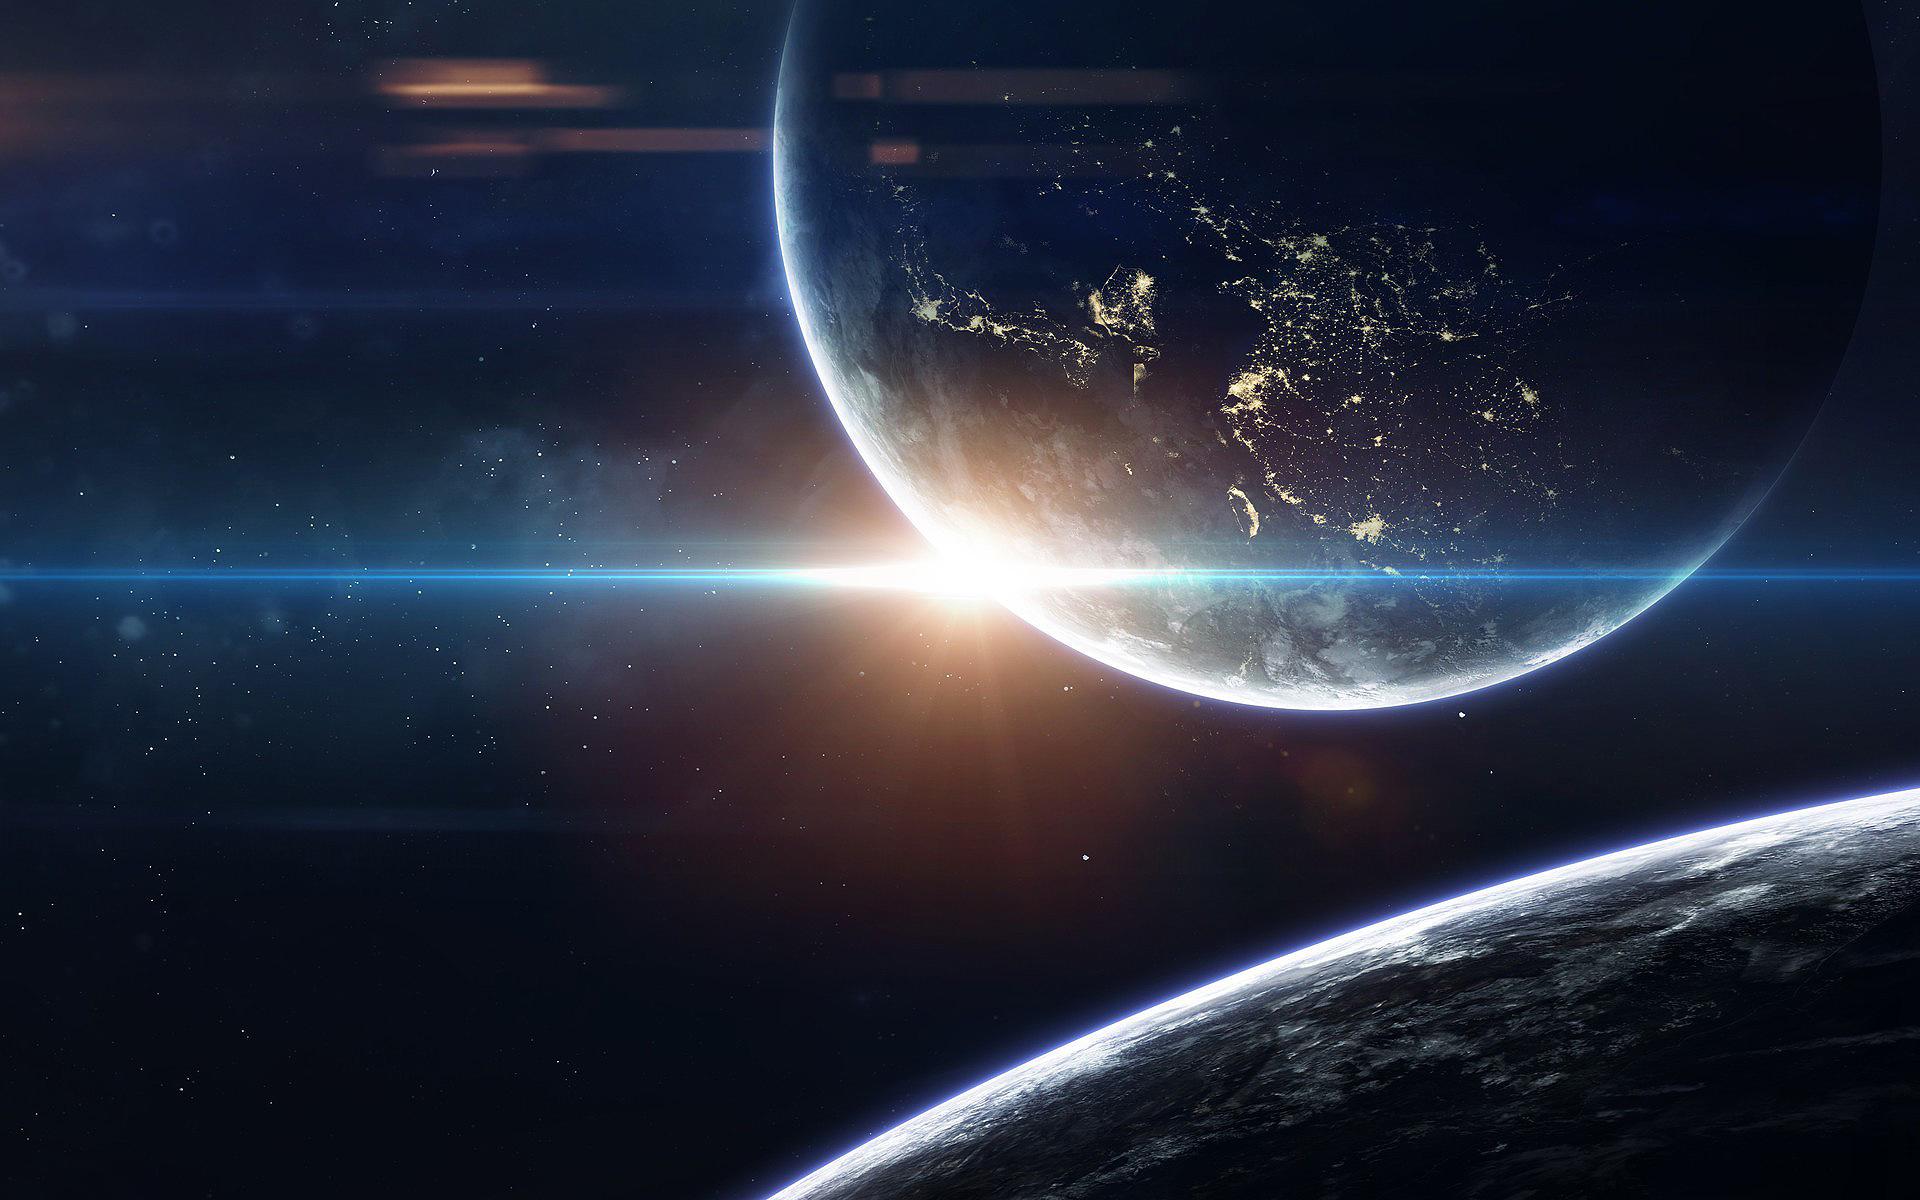 HDoboi.Kiev.ua - Огромные планеты во вселенной, обои на айфон xs космос